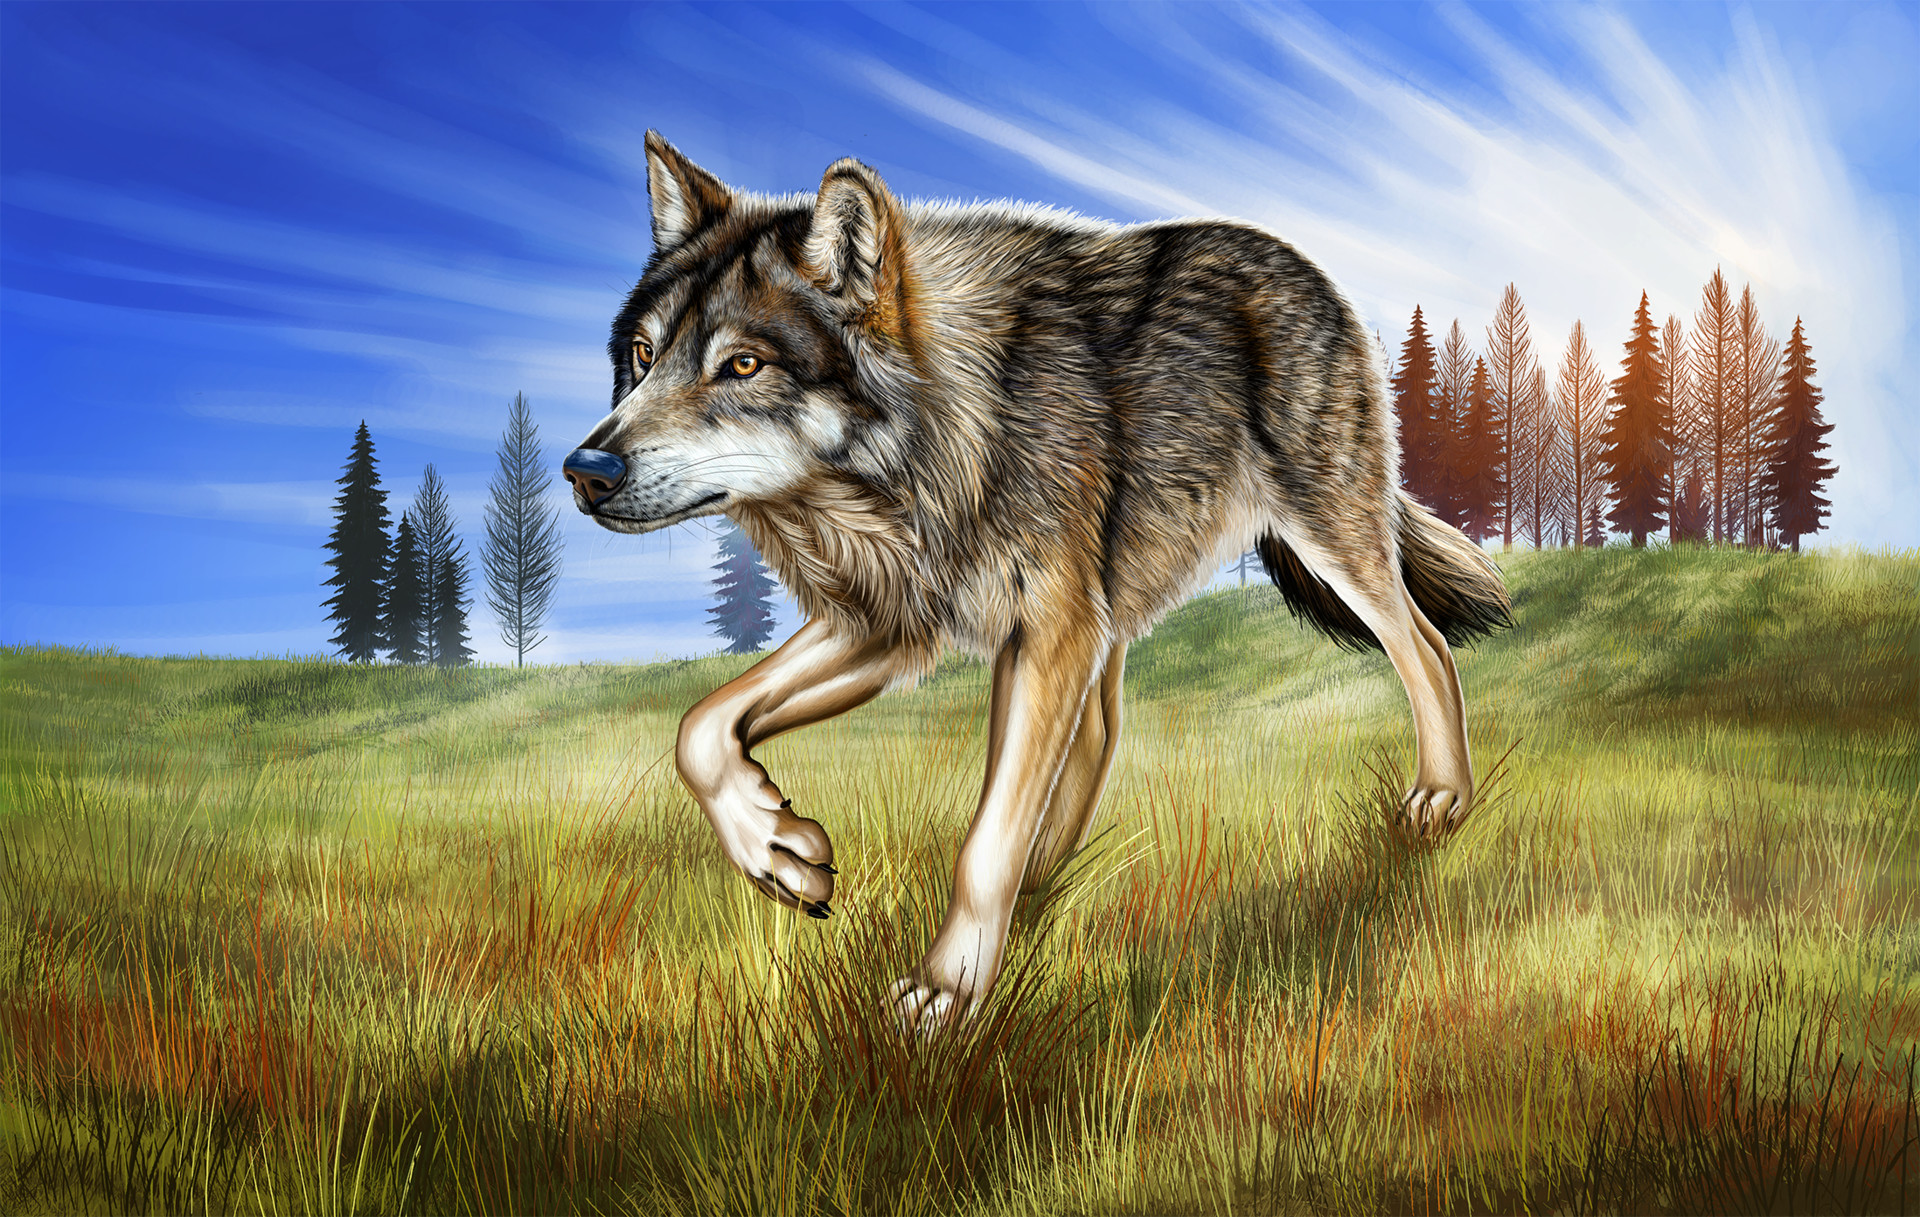 Martina nachazelova lone wolf